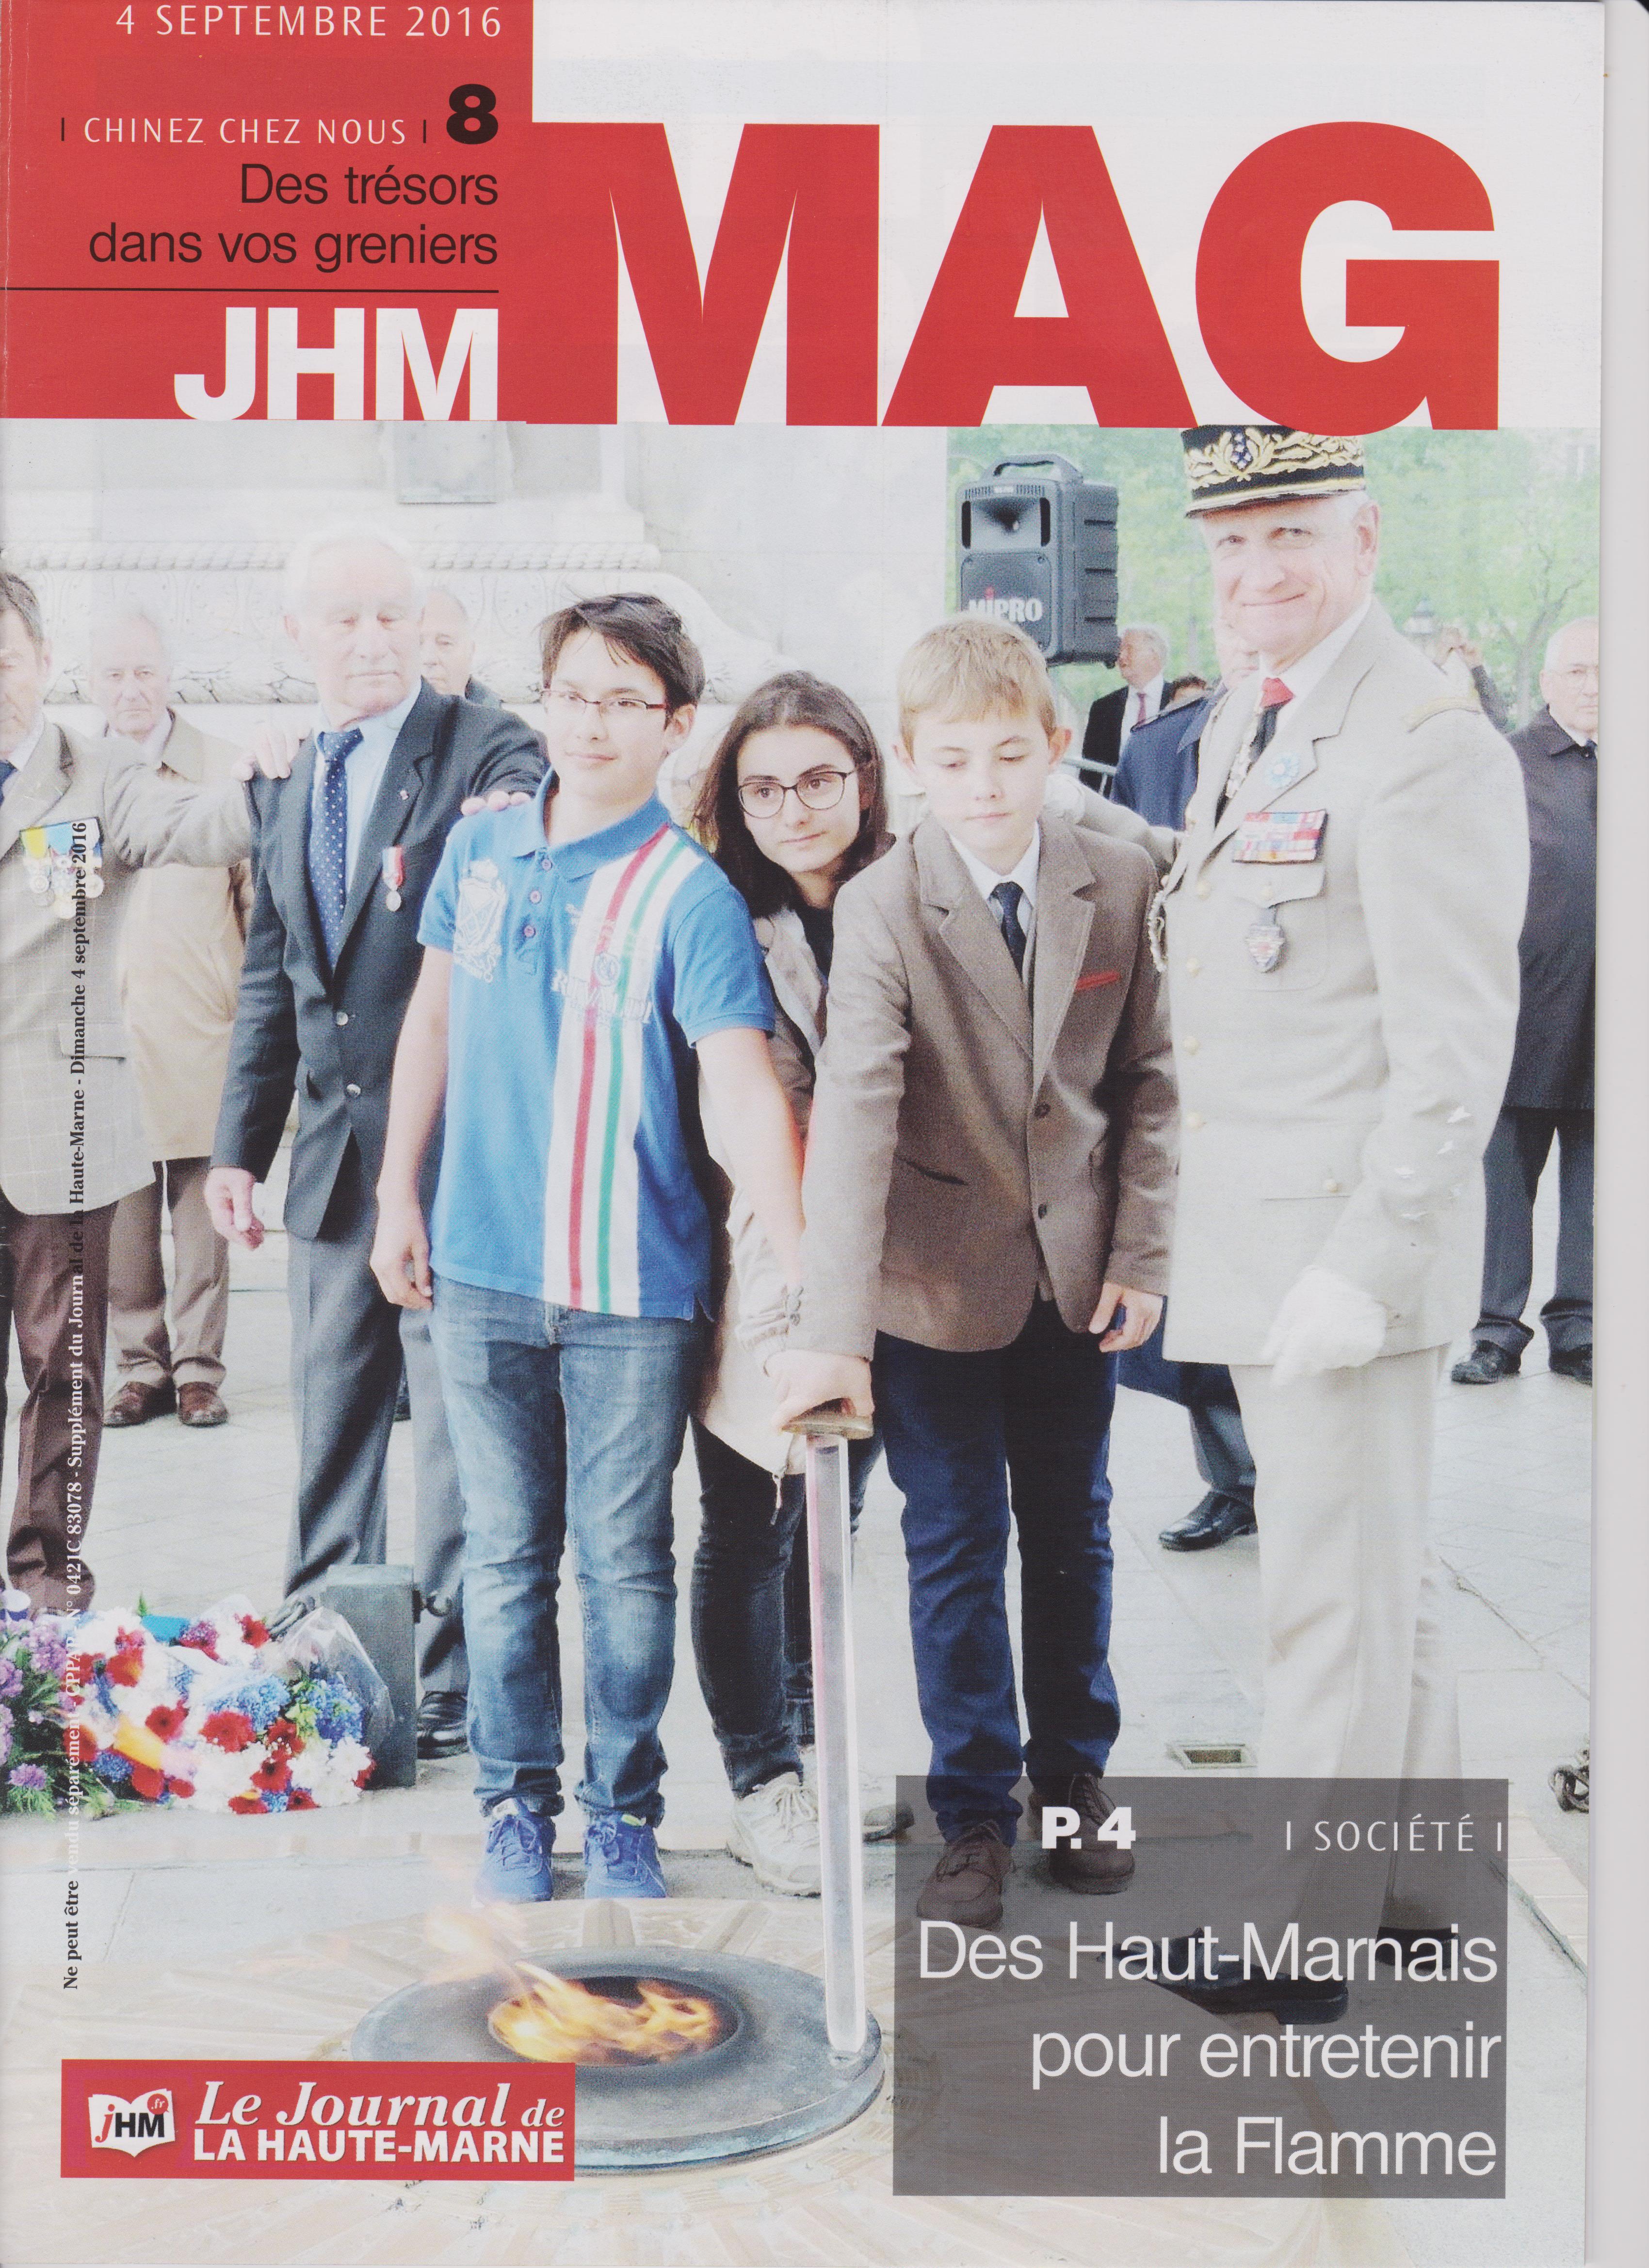 JHM MAG 01